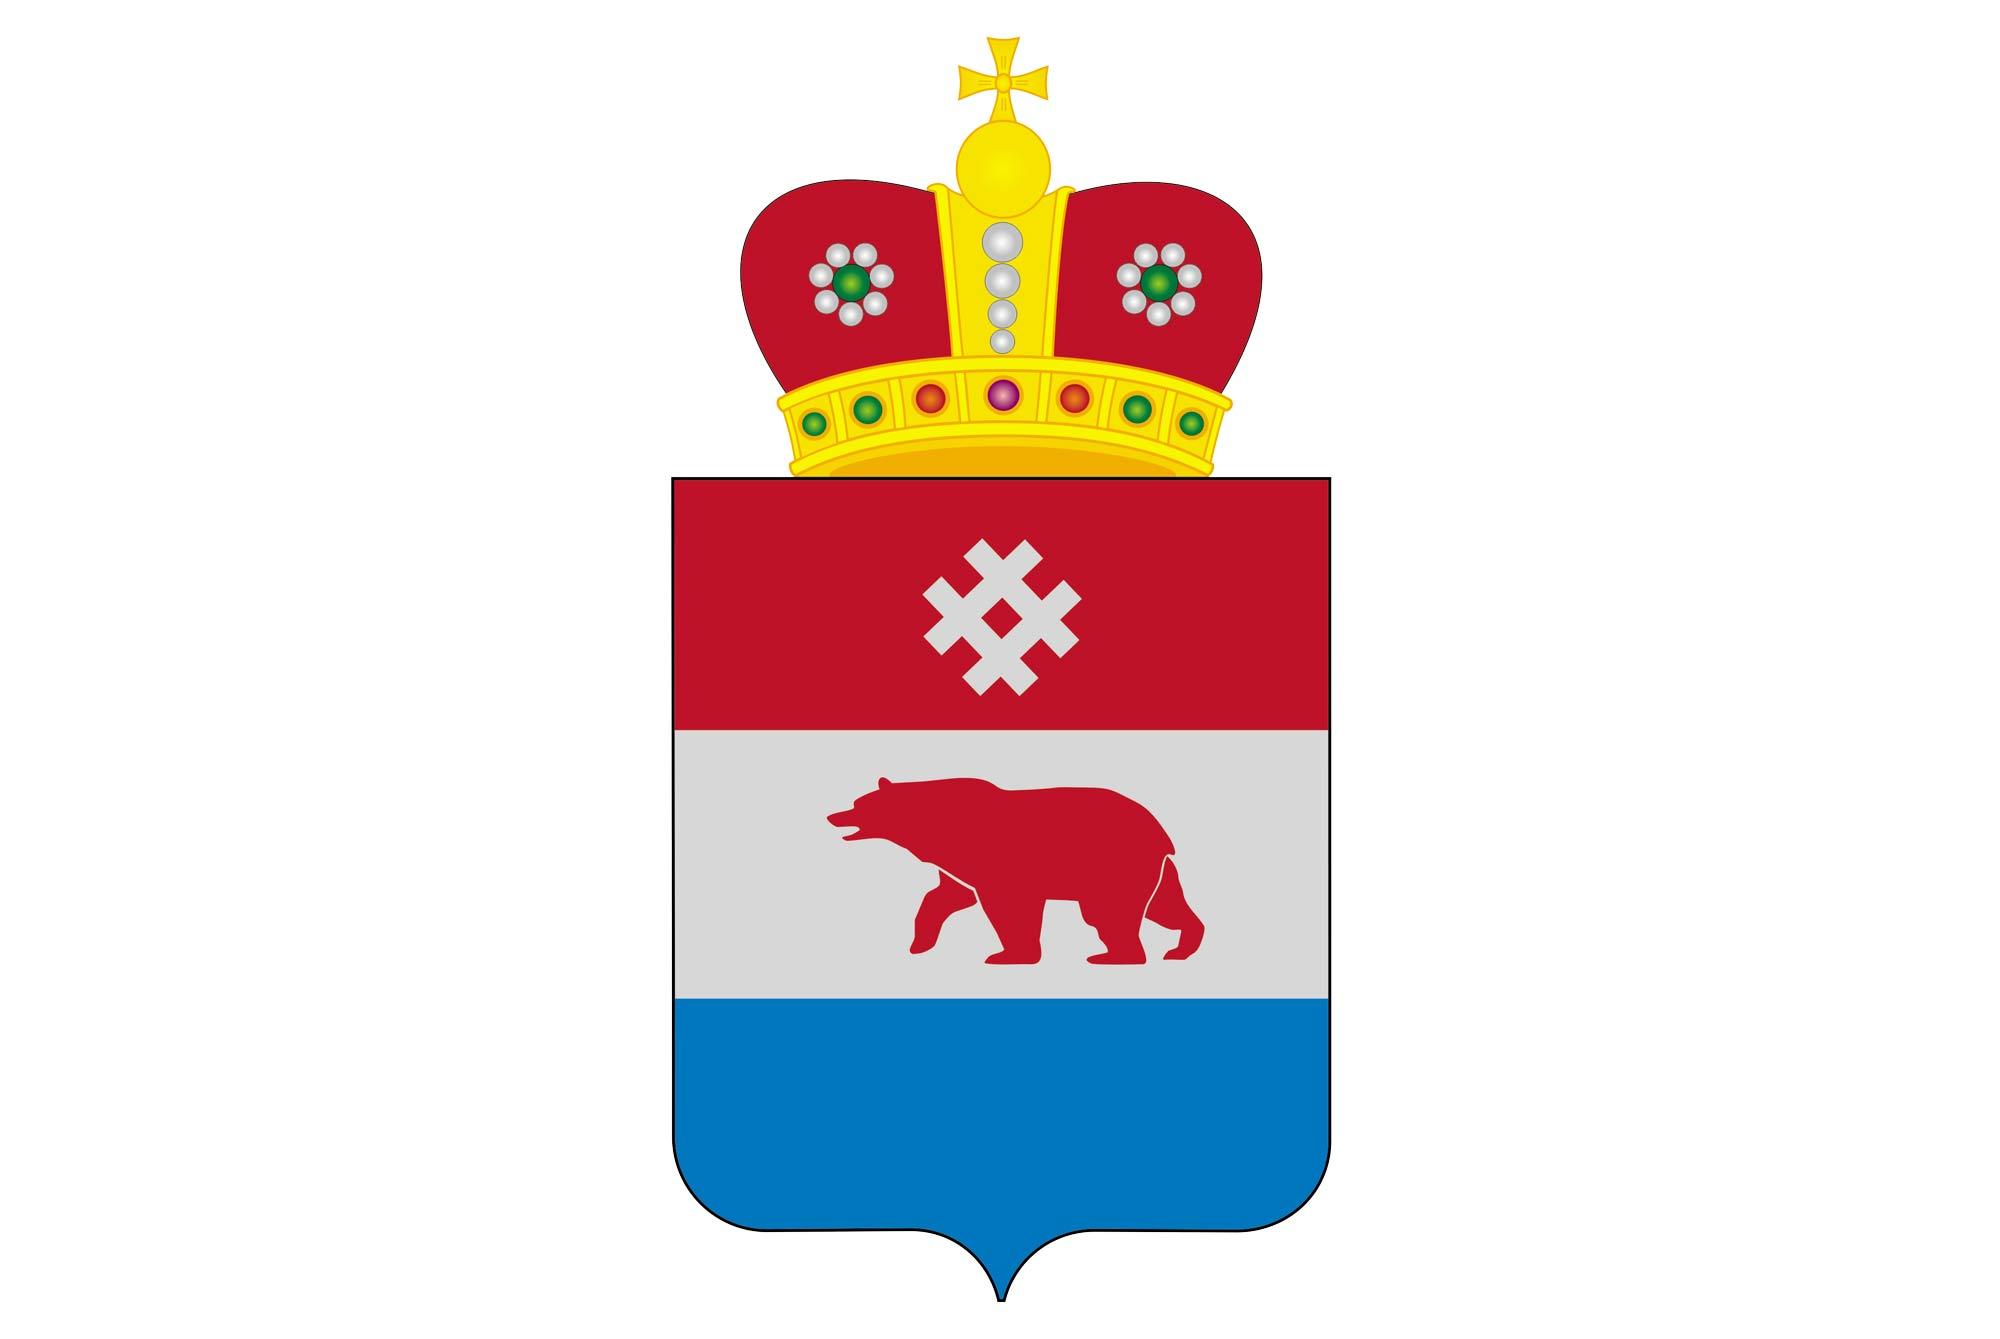 Герб Коми-Пермяцкого округа